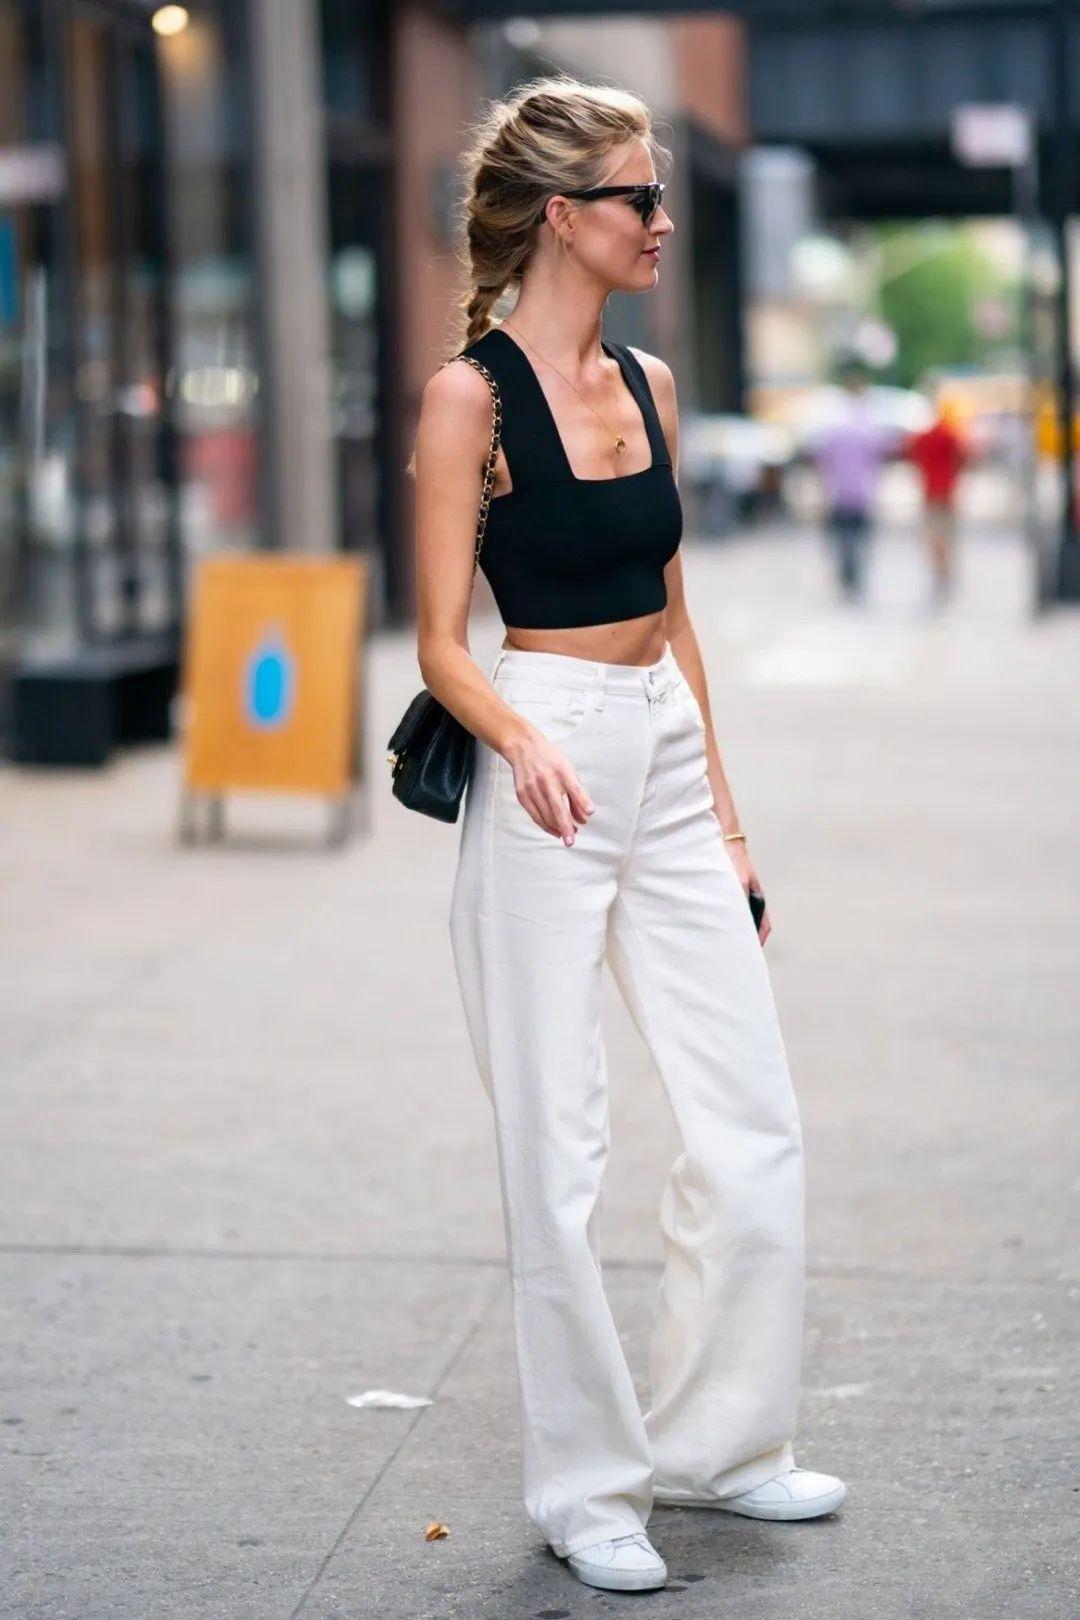 小白鞋一直在线,时髦精从未停止穿它!